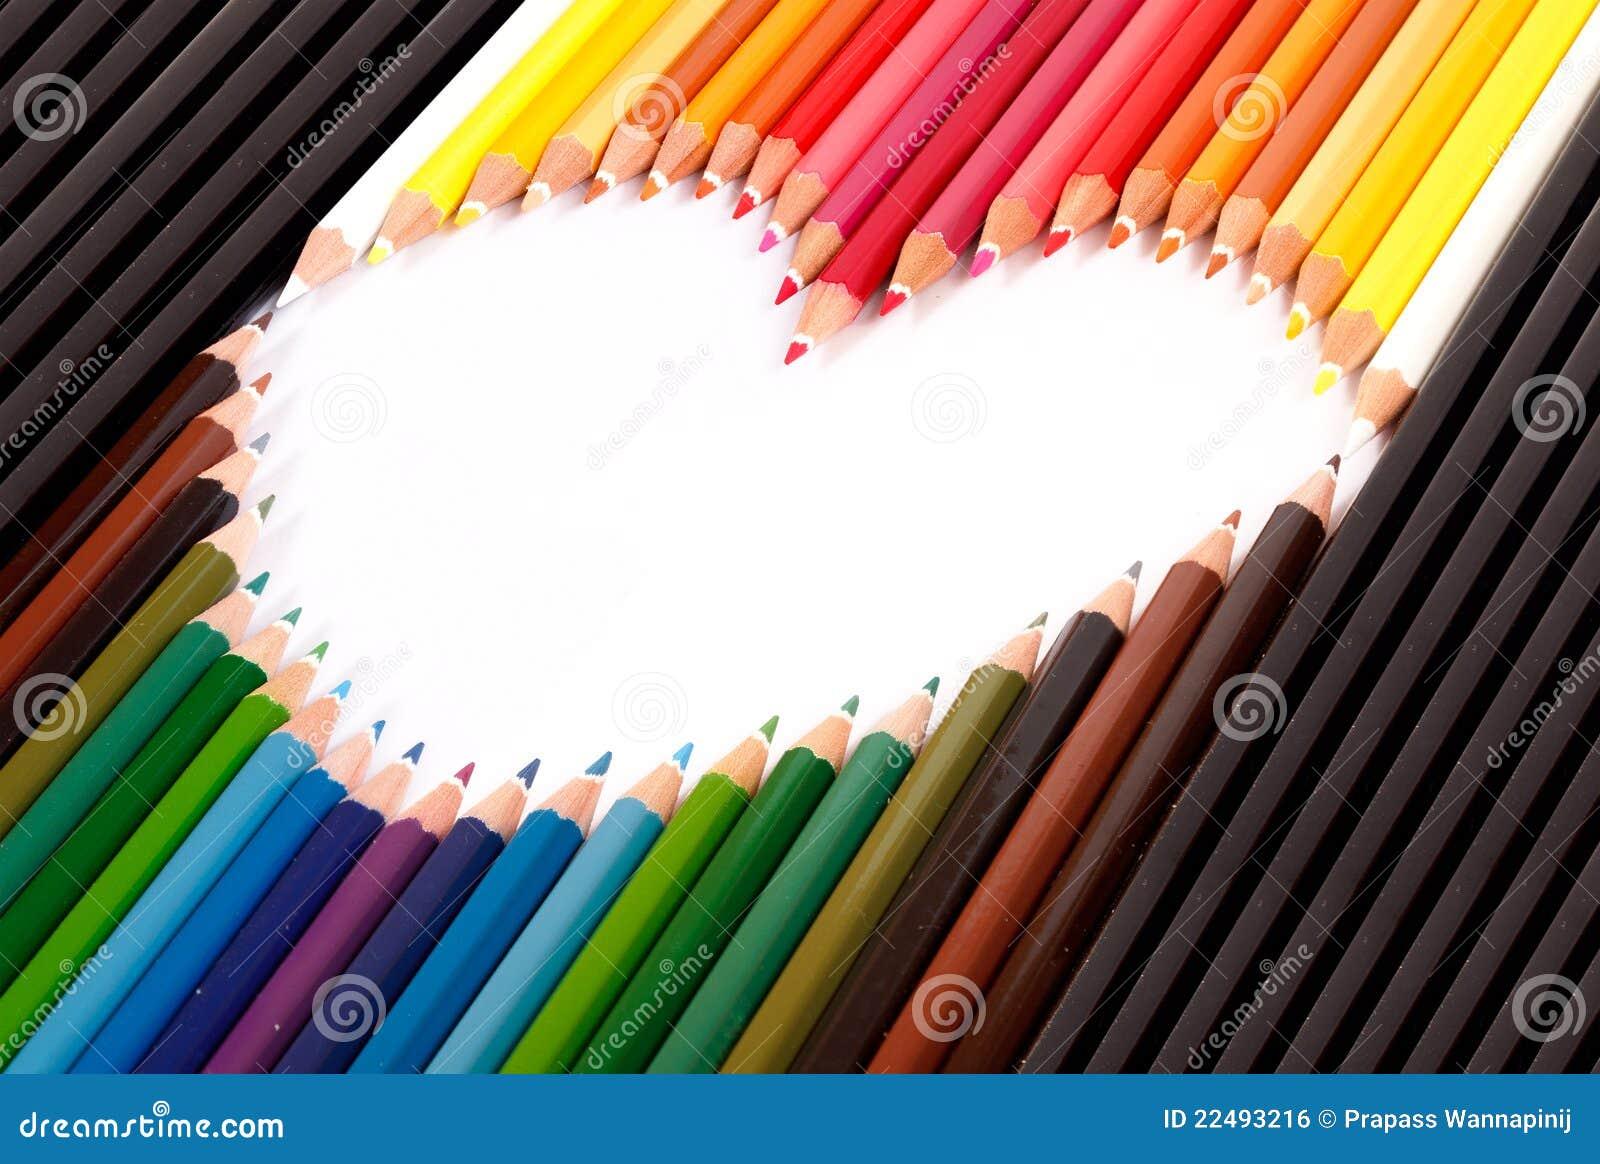 El lápiz en colores pastel colorido arregla en dimensión de una variable del corazón